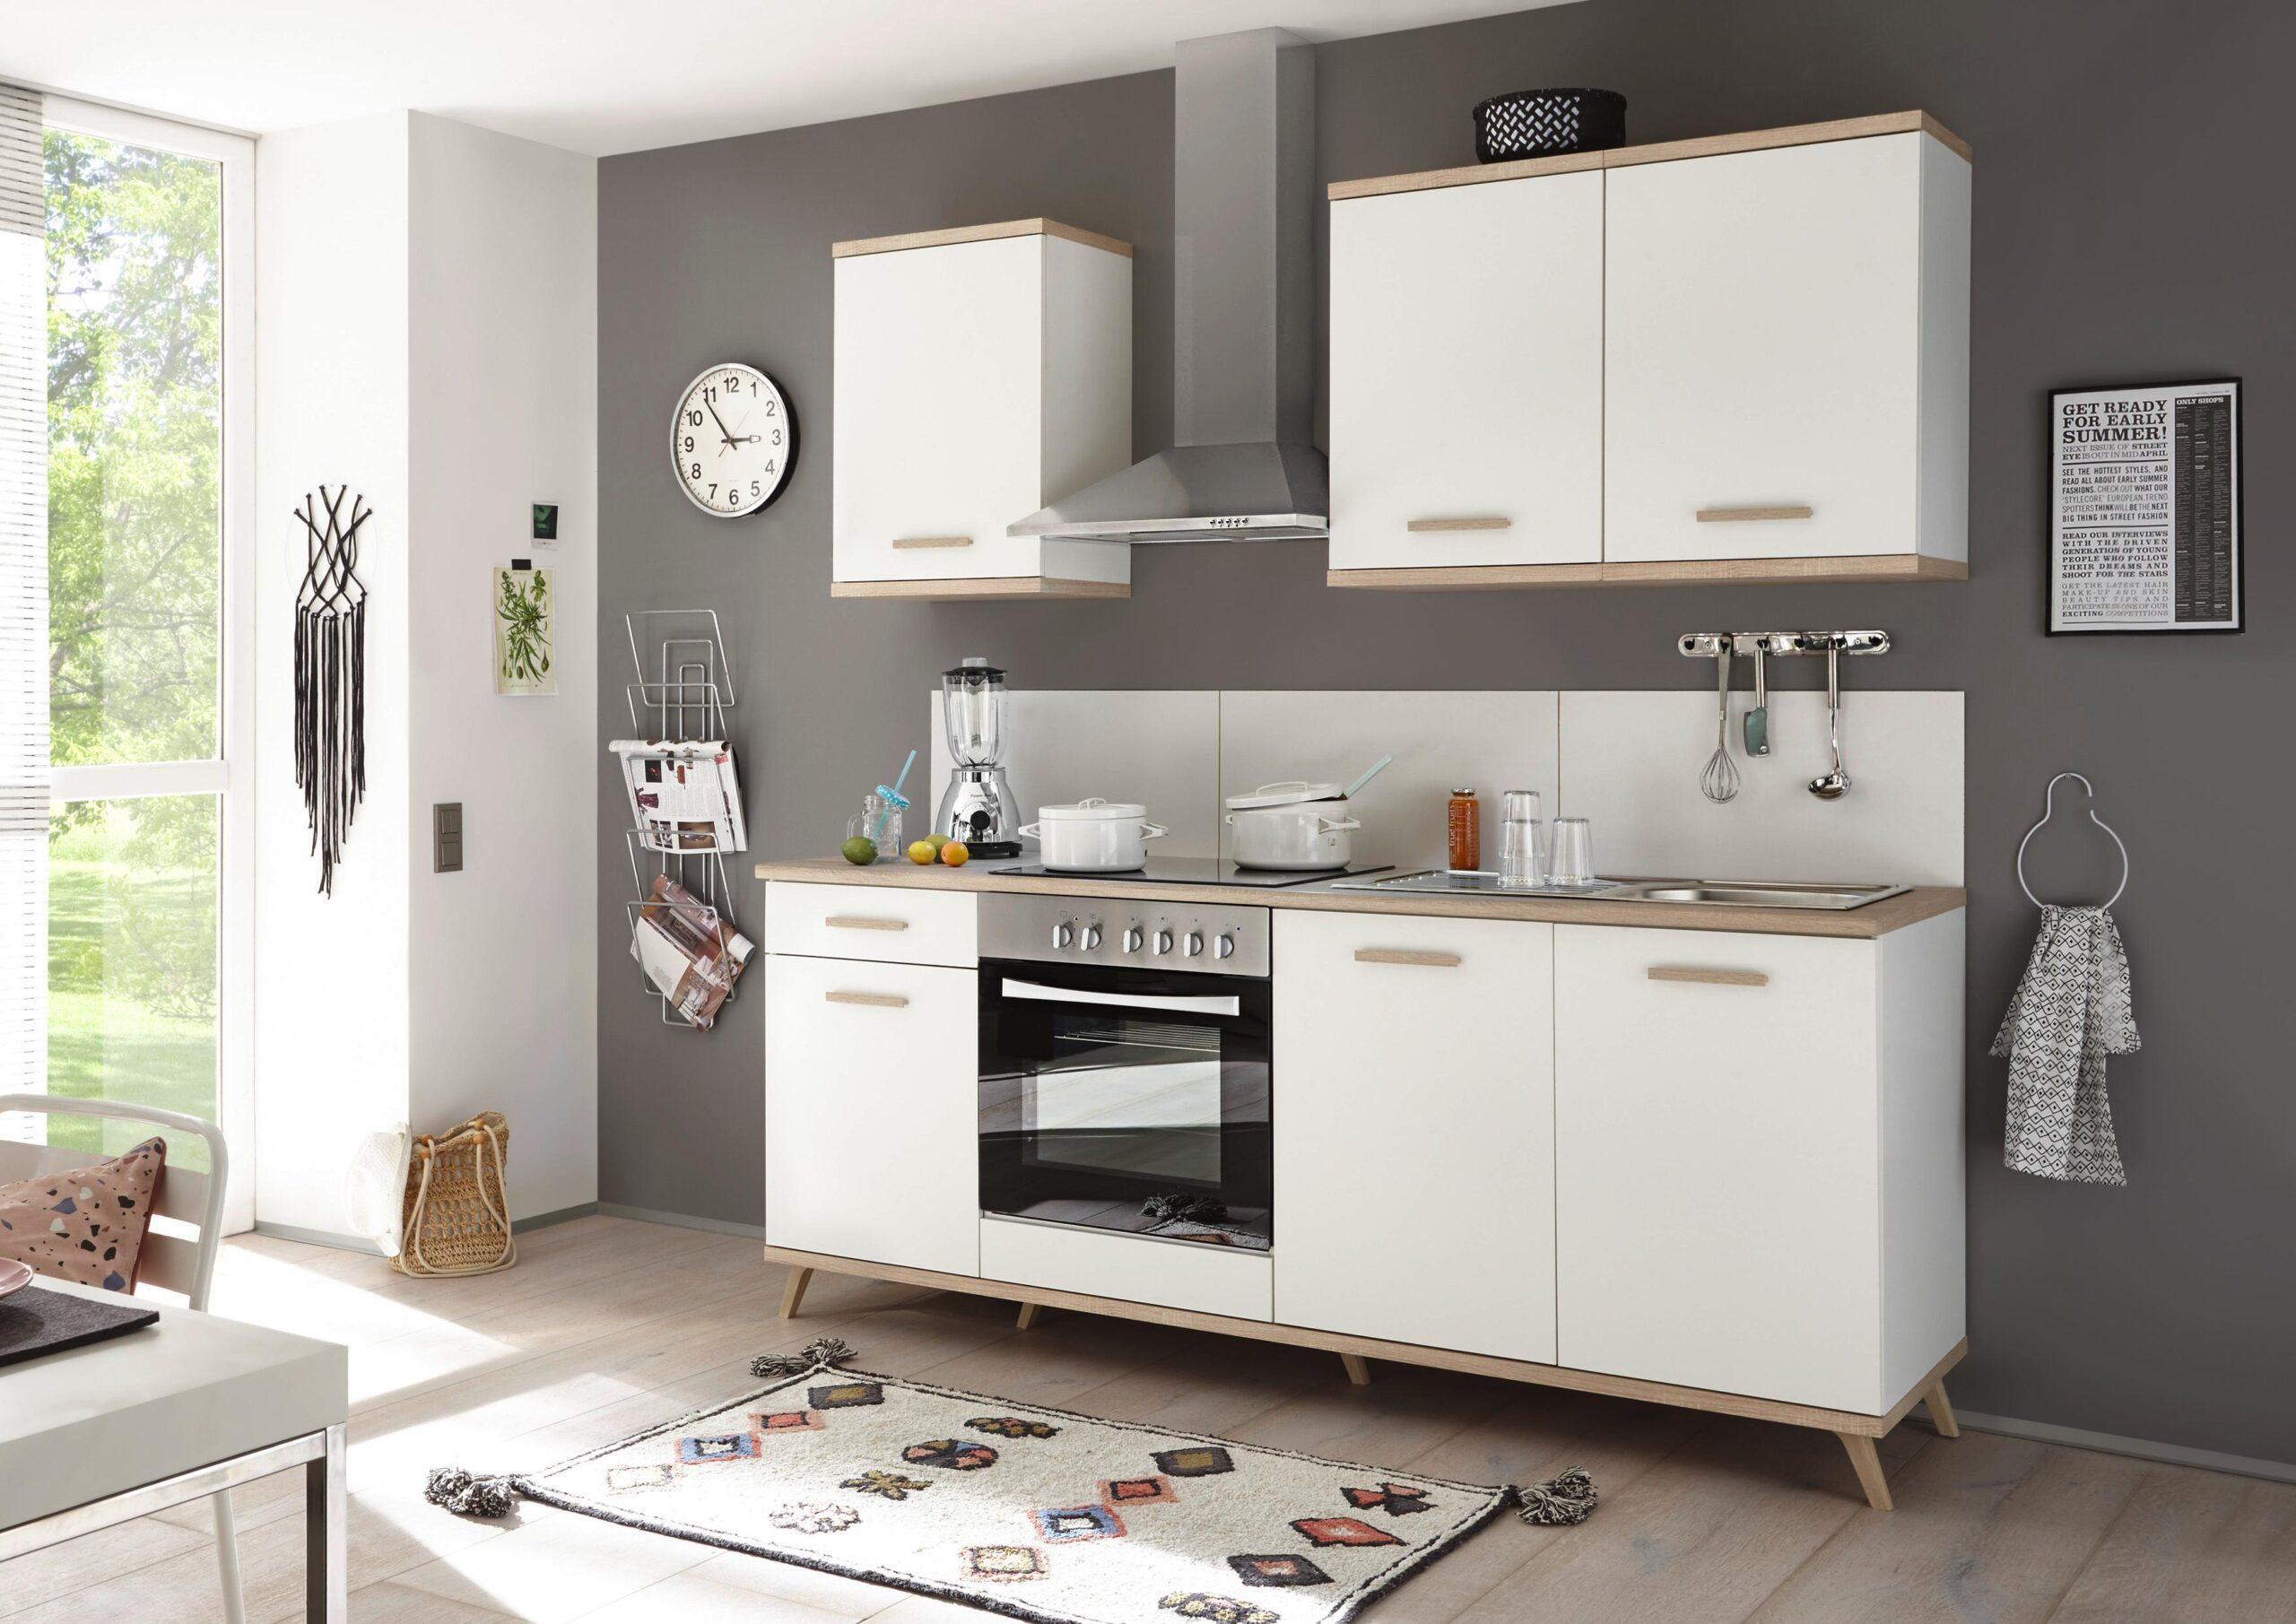 Full Size of Möbelix Küchen Kchenleerblock Mit 1 Schublade Regal Wohnzimmer Möbelix Küchen